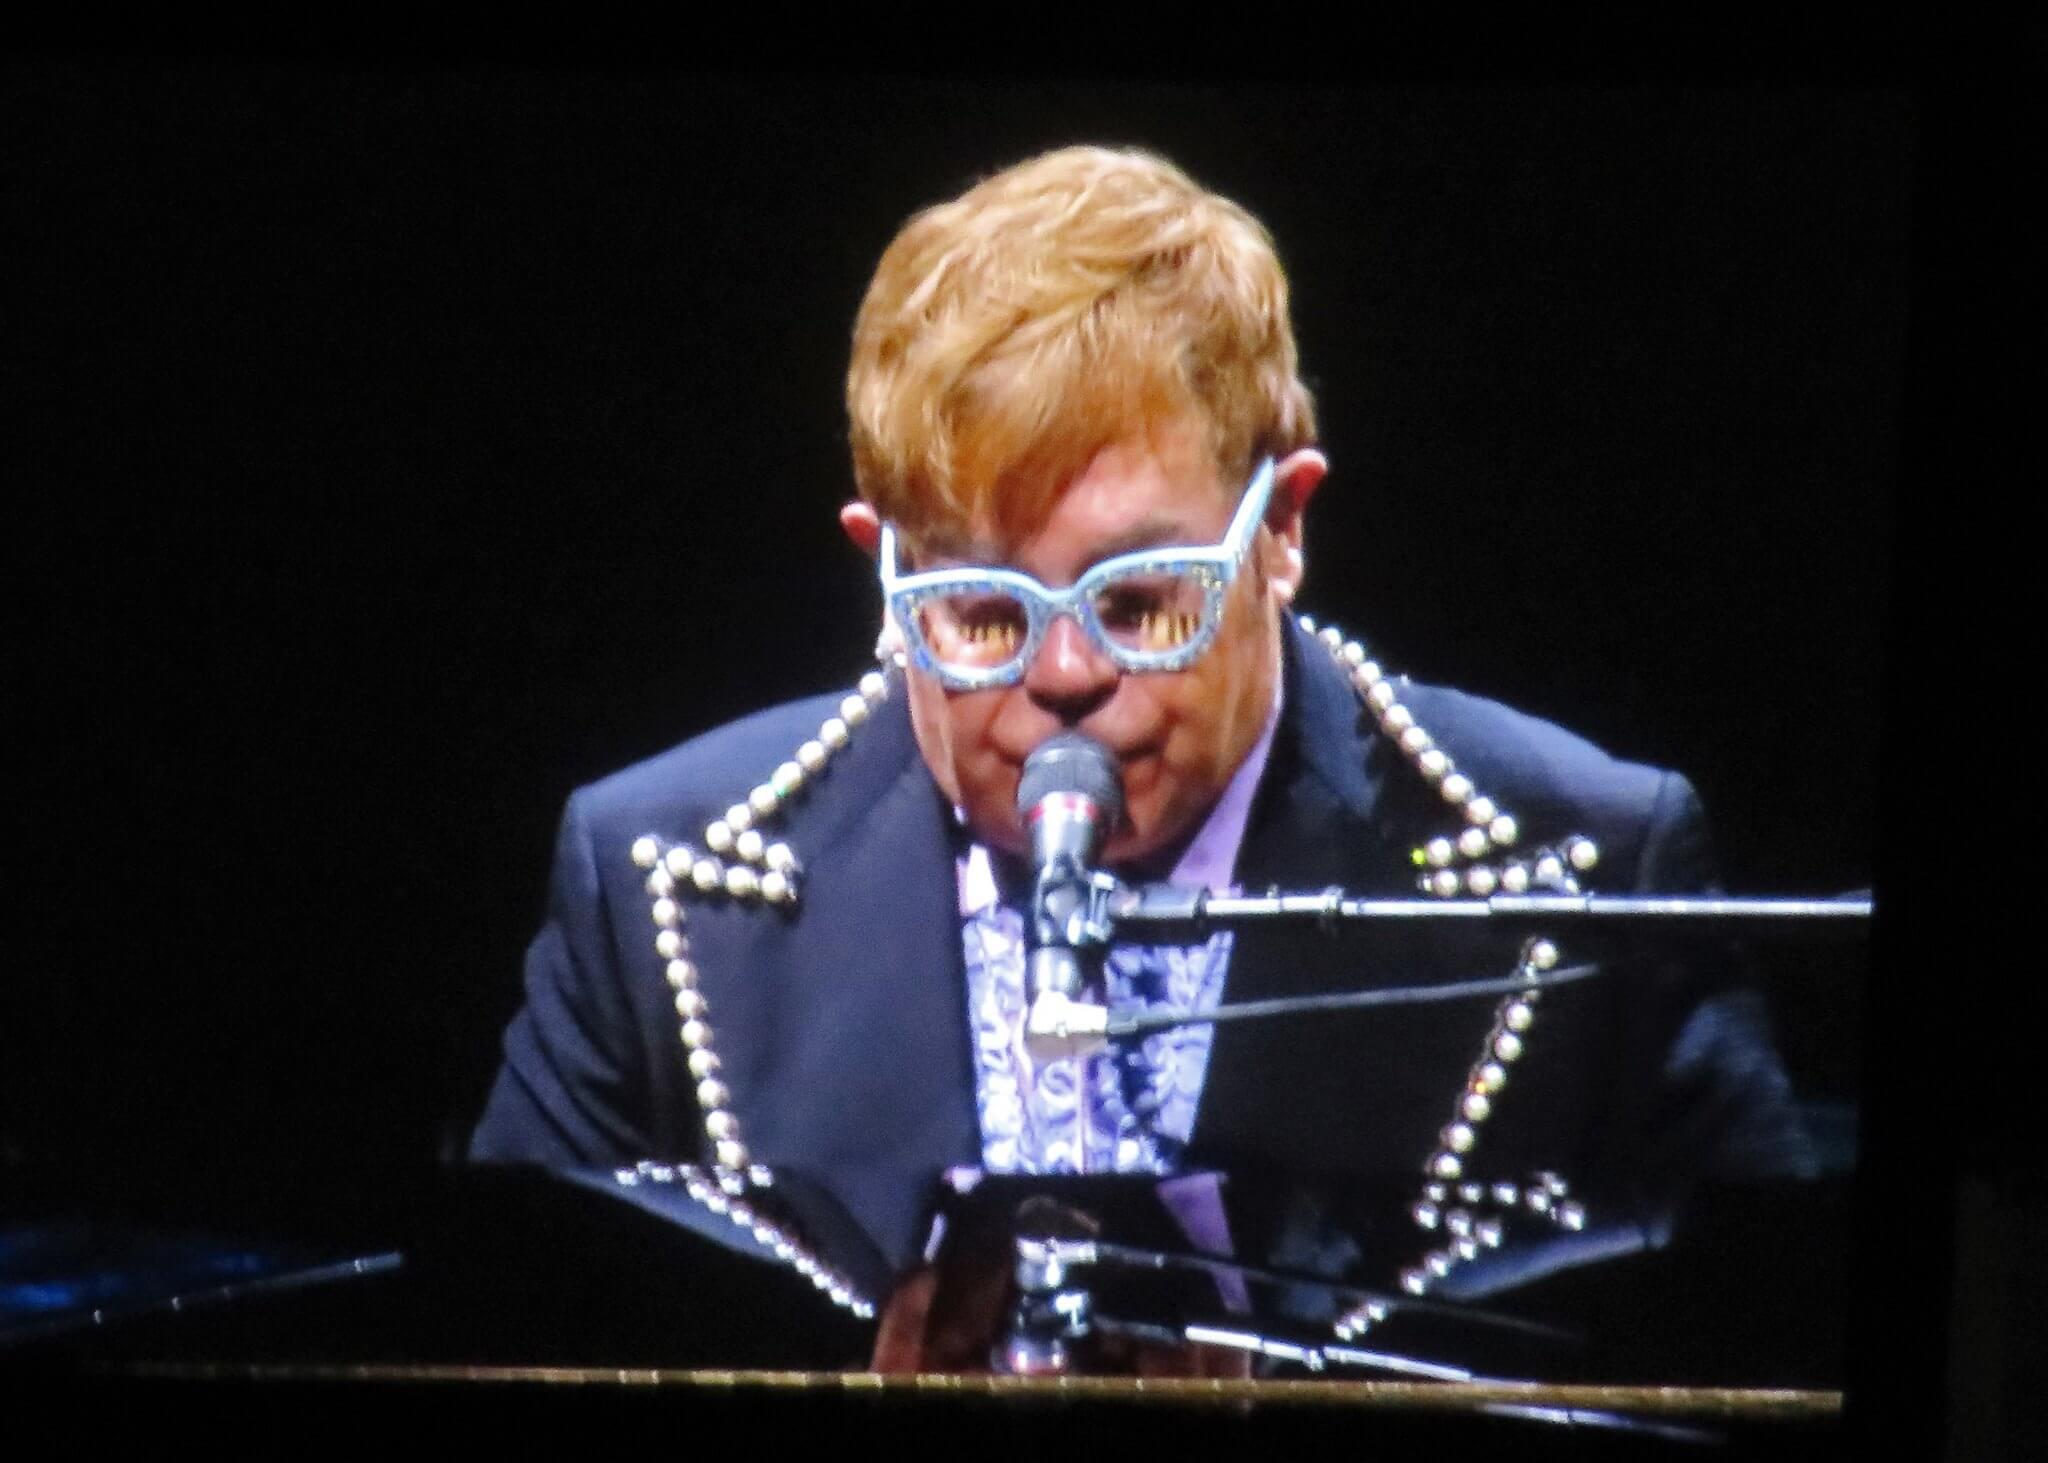 """Elton John: """"Jestem Europejczykiem. Nie jestem głupim, kolonialnym, imperialistycznym angielskim idiotą"""""""